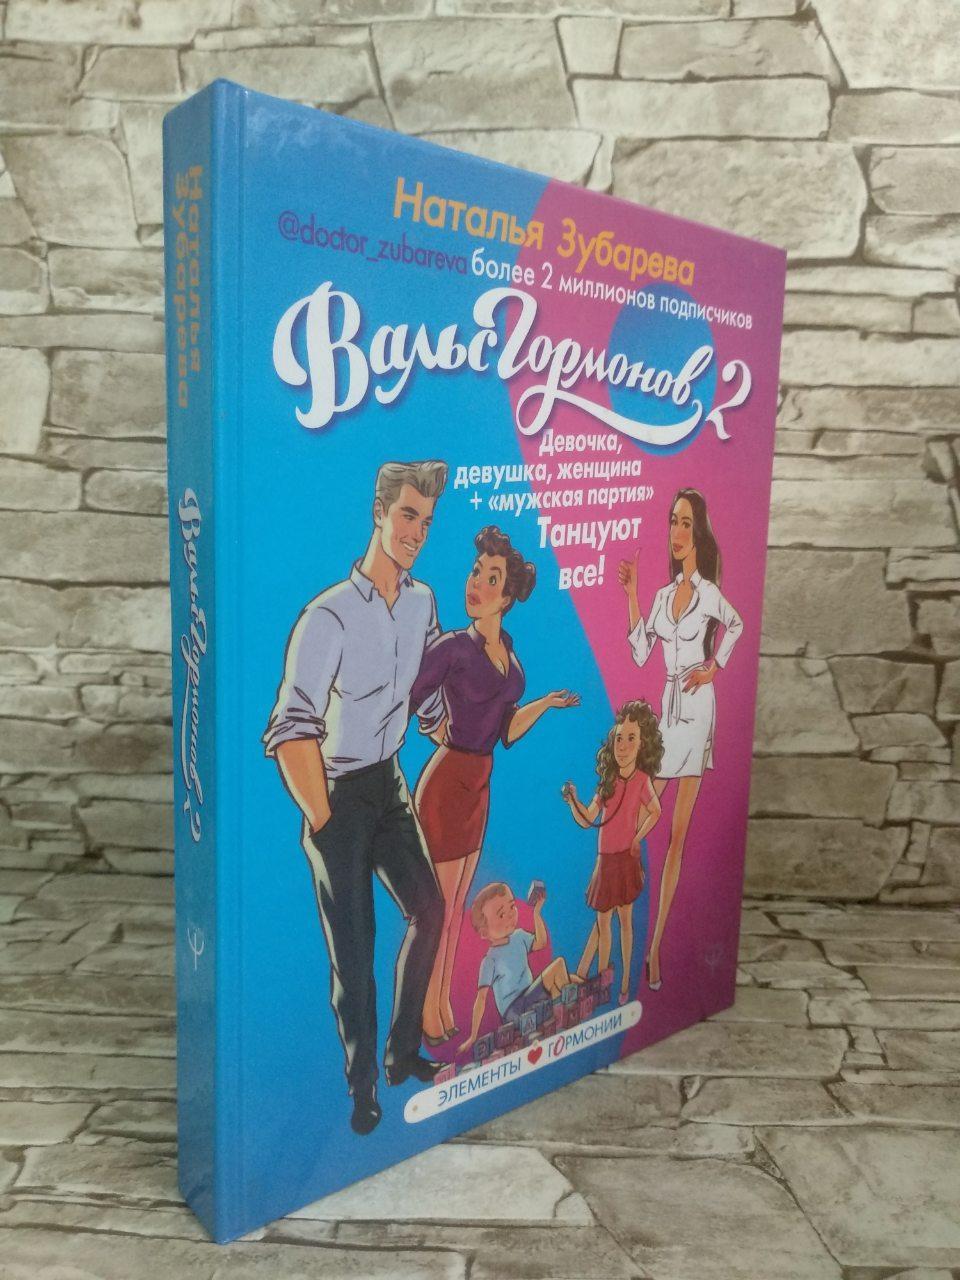 """Книга """"Вальс гормонов 2. Девочка, девушка, женщина + мужская партия. Танцуют все!"""" Наталья Зубарева"""